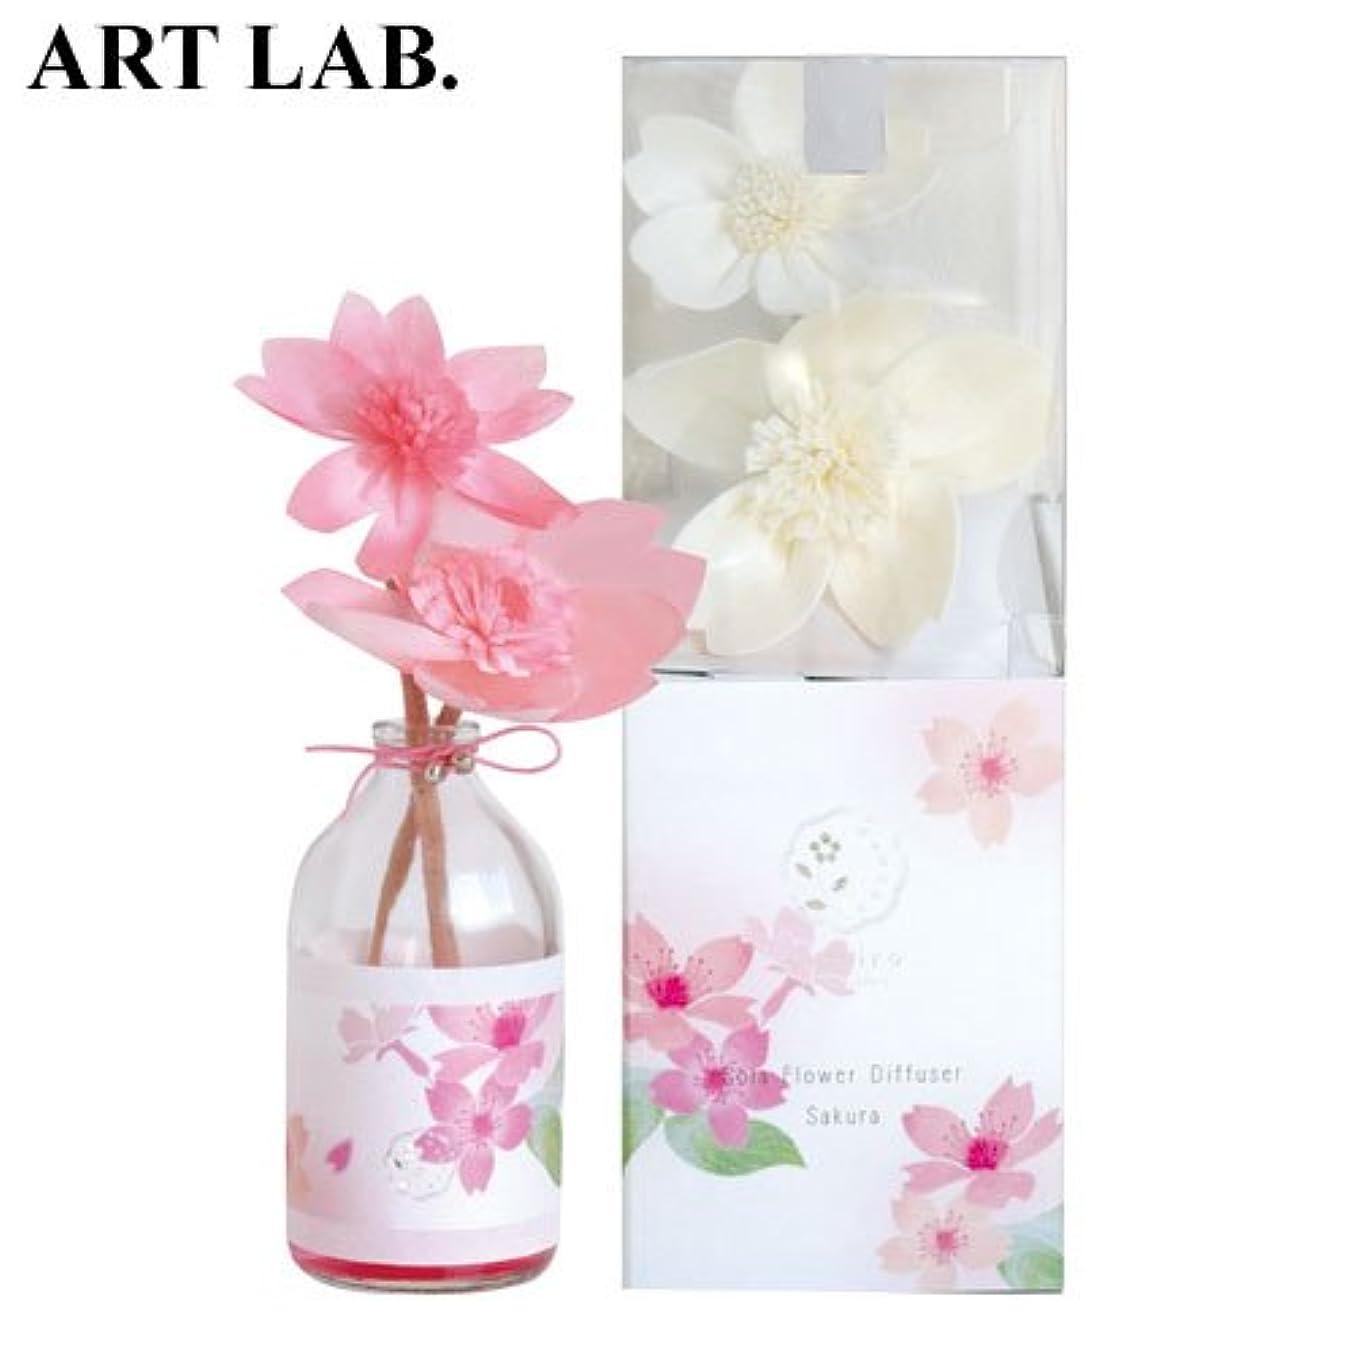 同情的崩壊モーターwanokaソラフラワーディフューザー桜《桜をイメージした甘い香り》ART LABAroma Diffuser